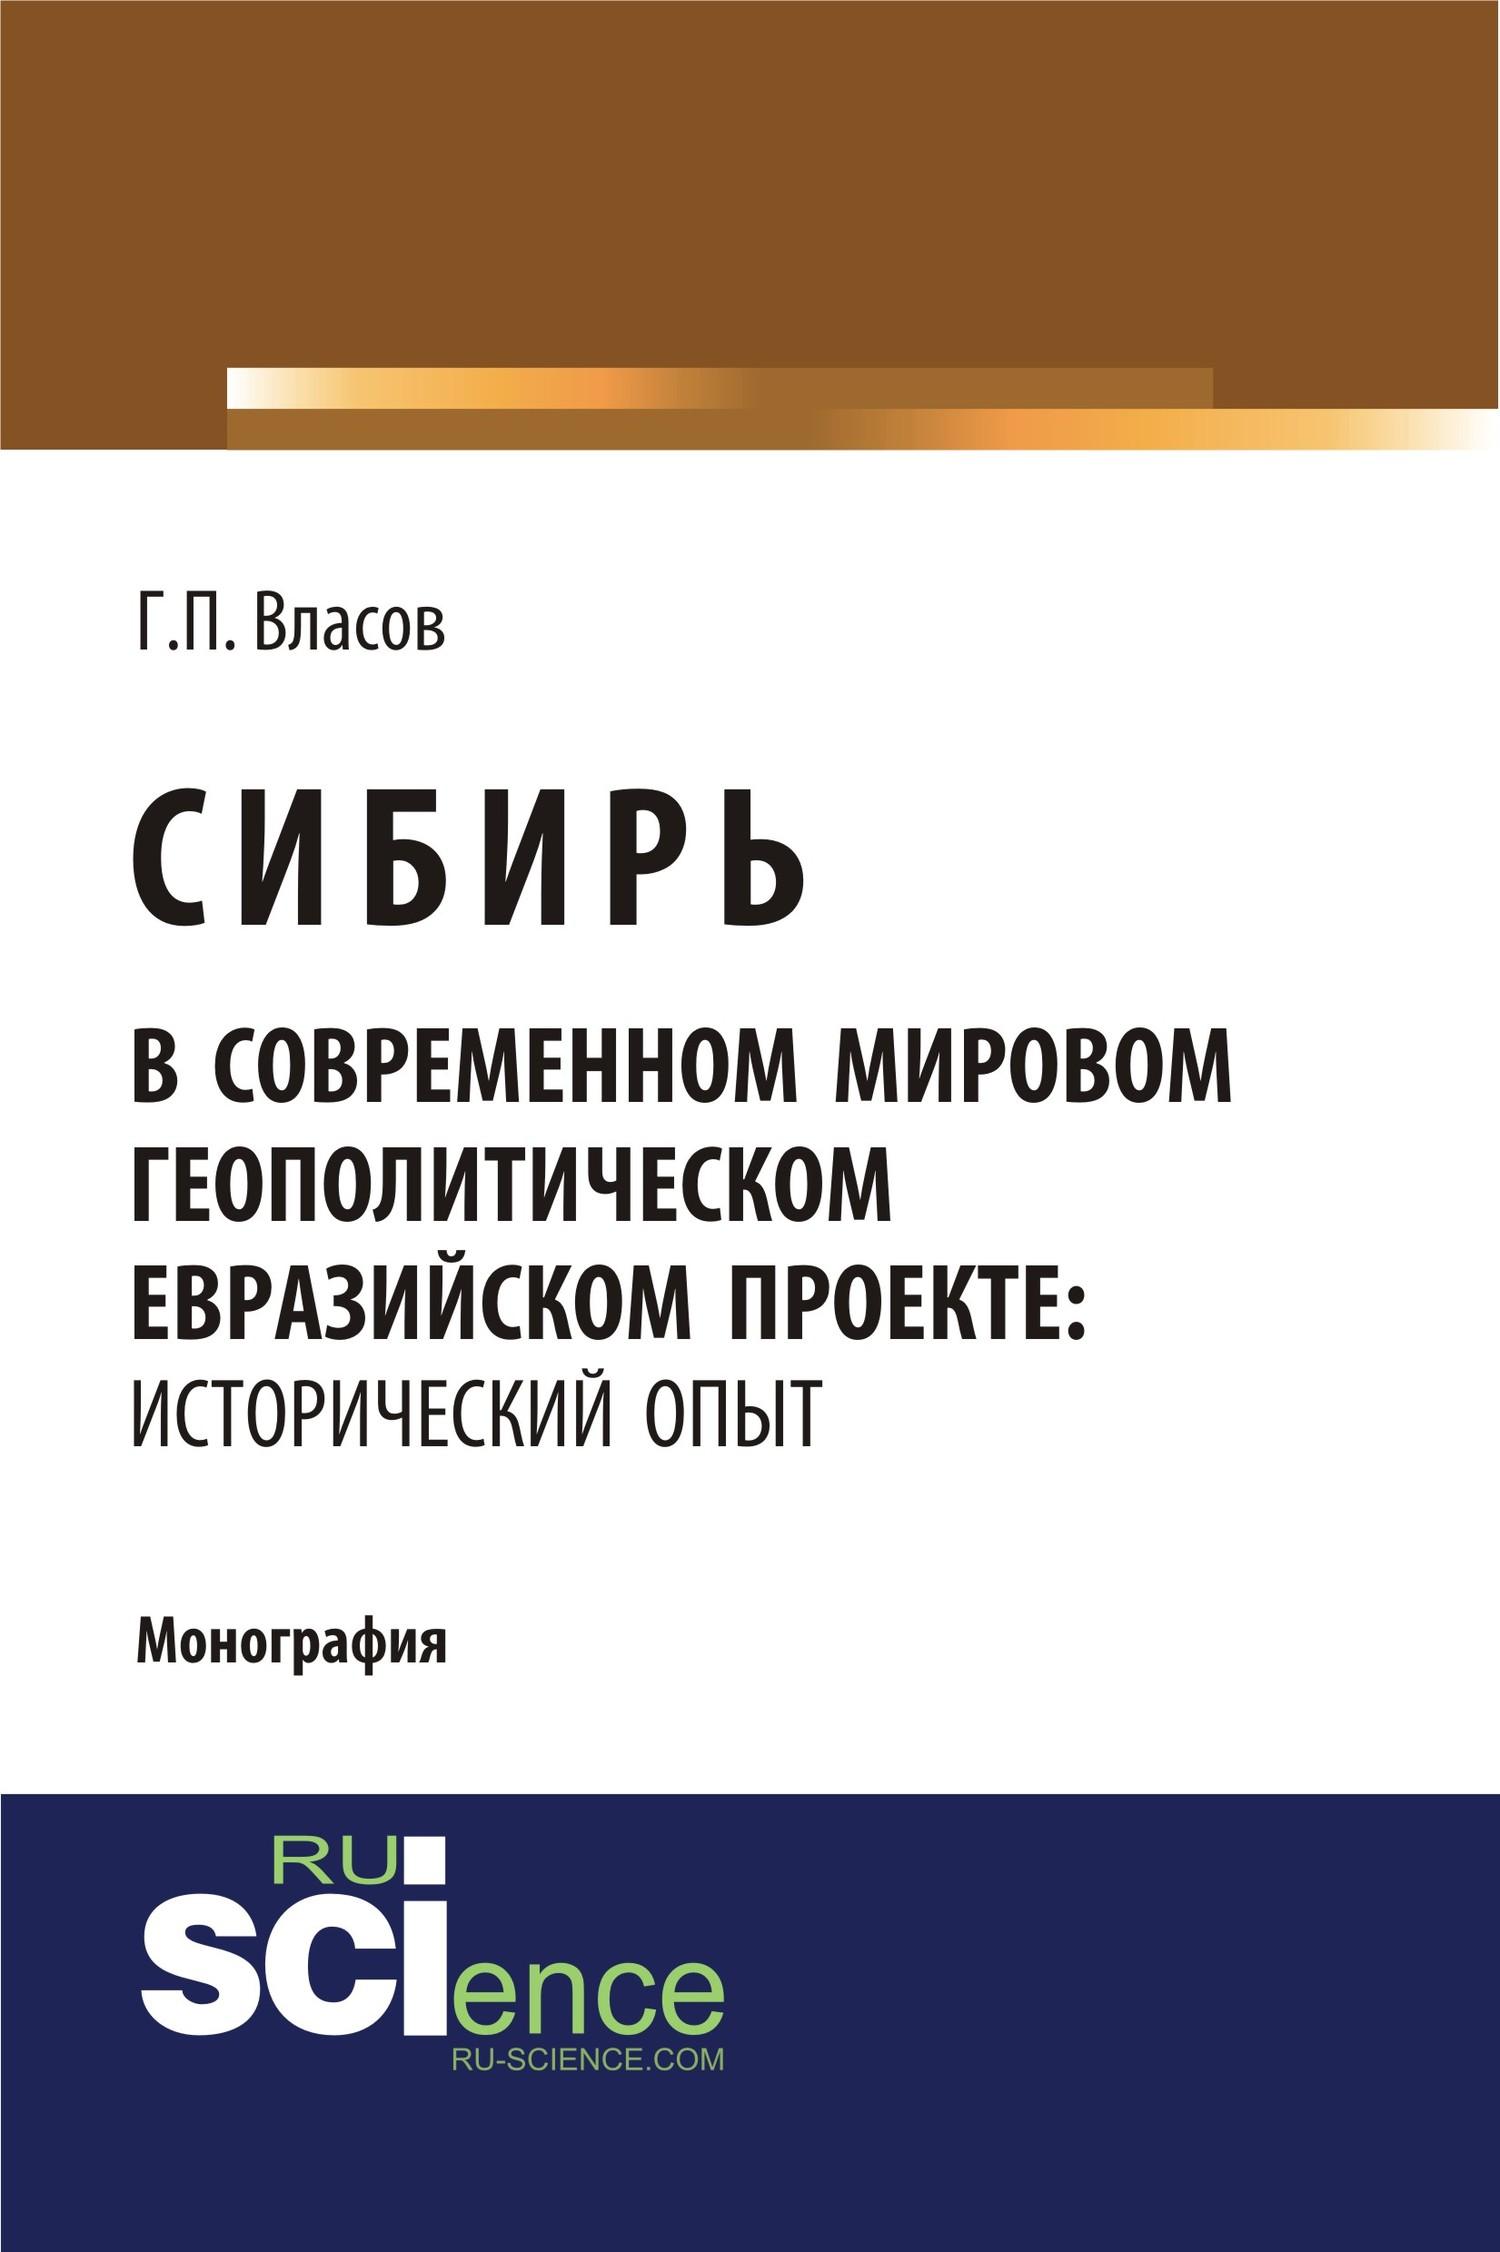 Г. П. Власов Сибирь в современном мировом геополитическом евразийском проекте: исторический опыт